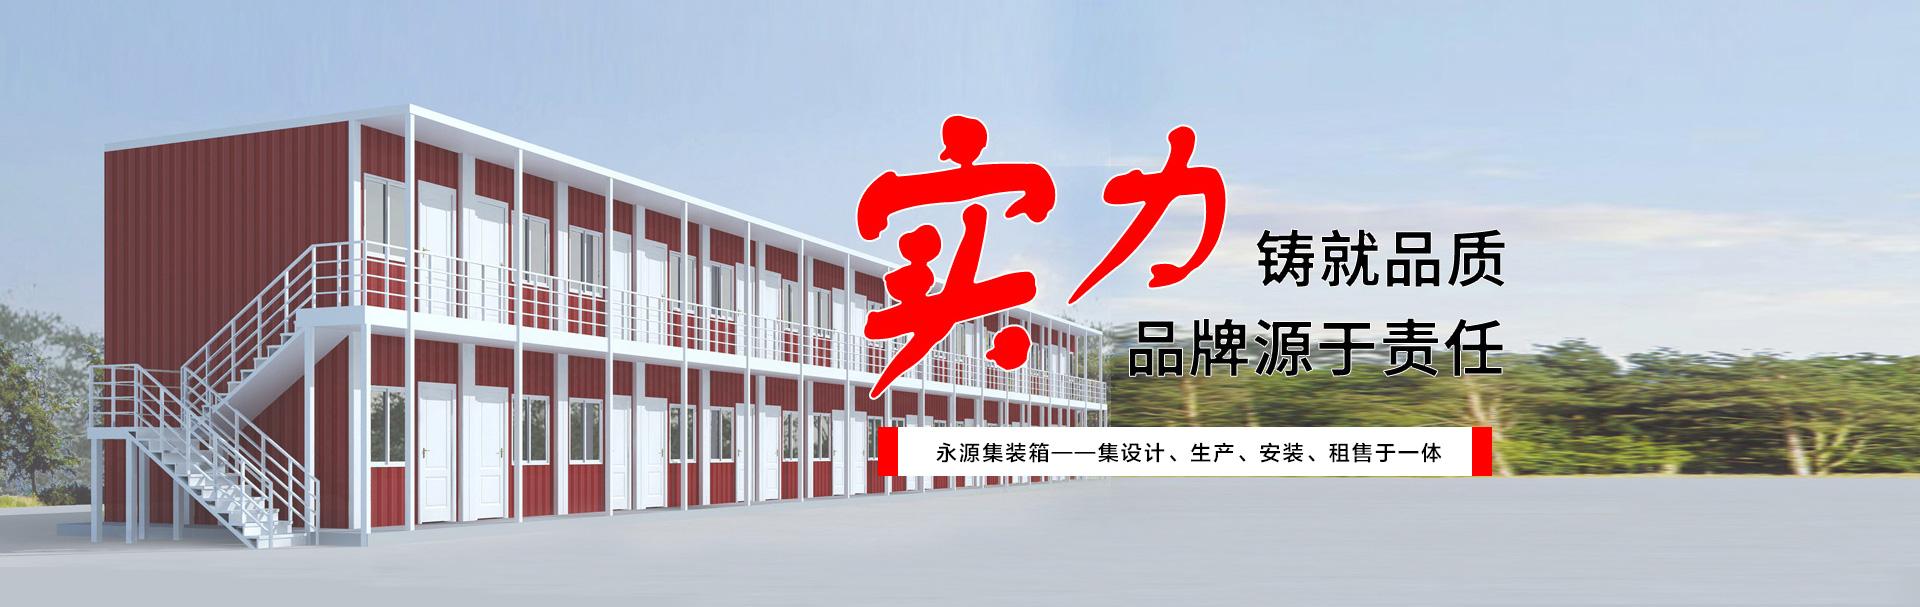 济南永源集装箱租赁有限公司